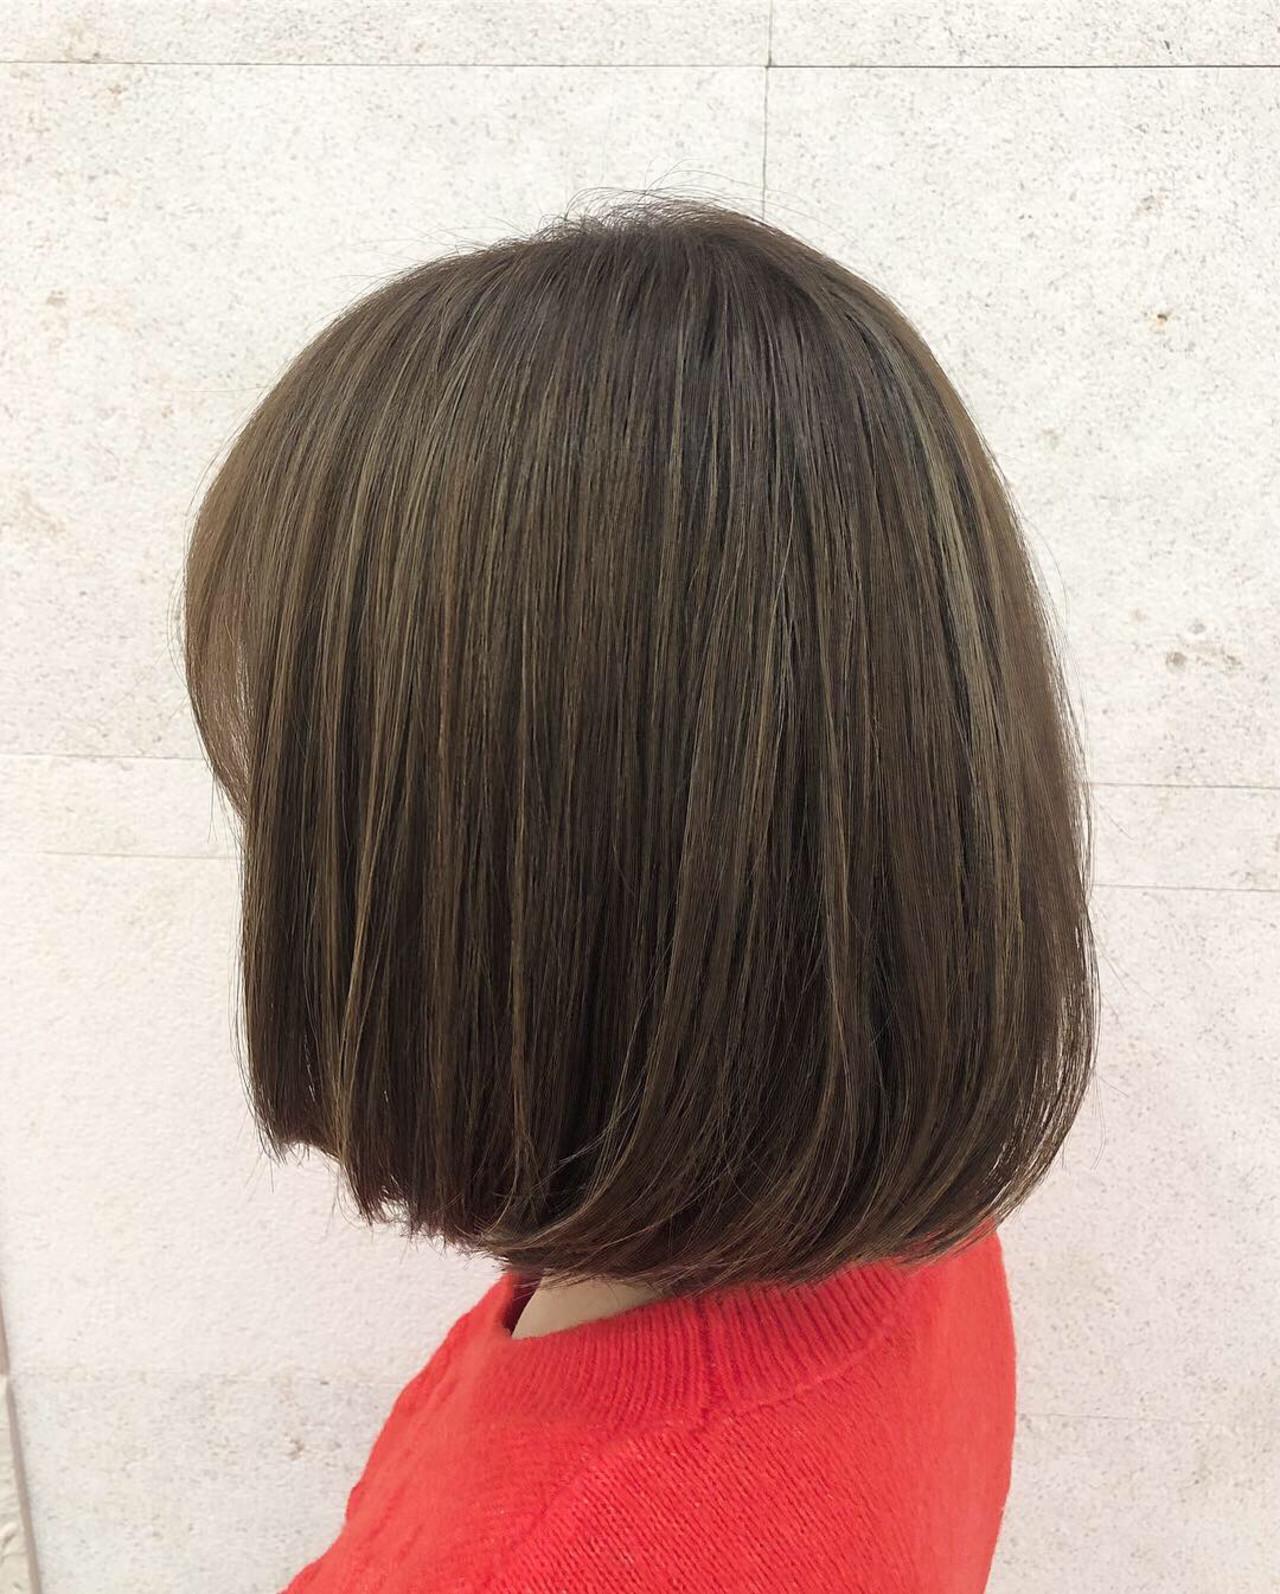 ベージュ 外国人風カラー コンサバ ハイライト ヘアスタイルや髪型の写真・画像